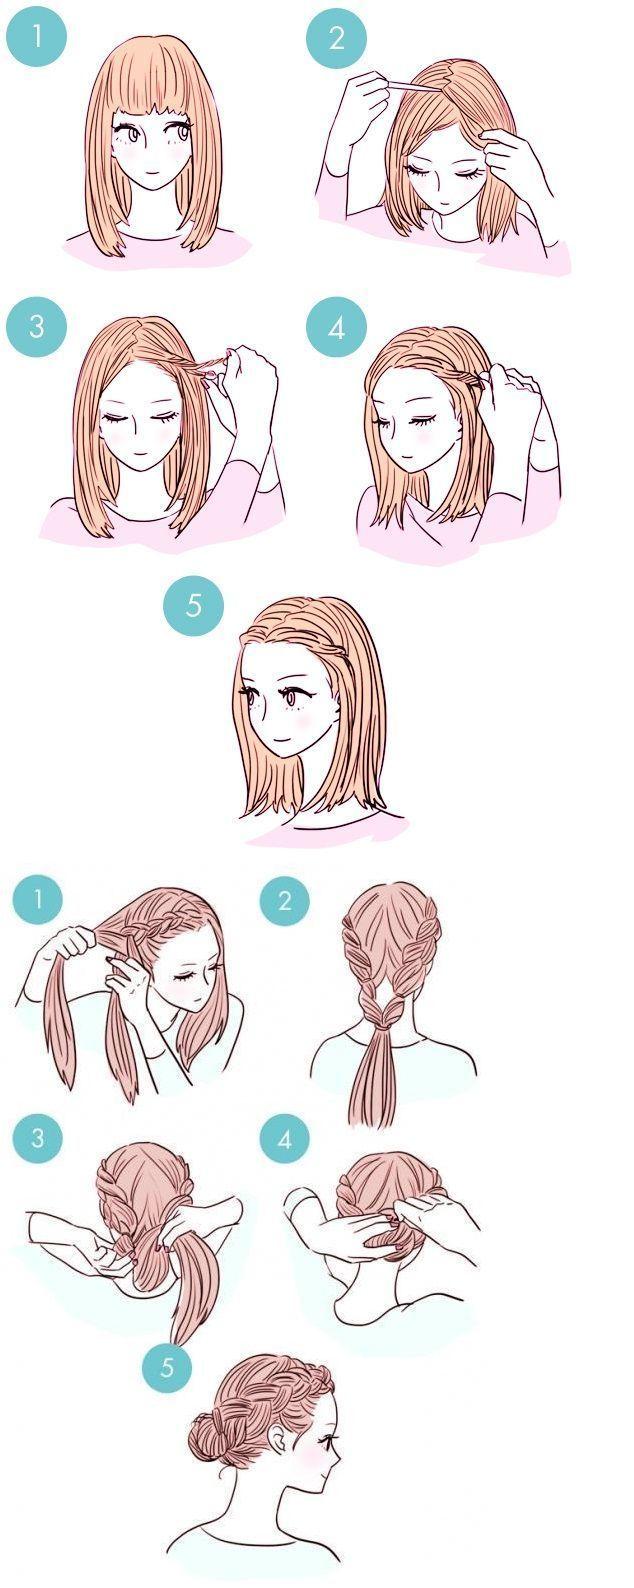 Simple Hairstyles Womenhairstylesmediumsdianekeaton Simple Womenhairstylesme Medium Haare Frisuren Selbstgemachte Frisuren